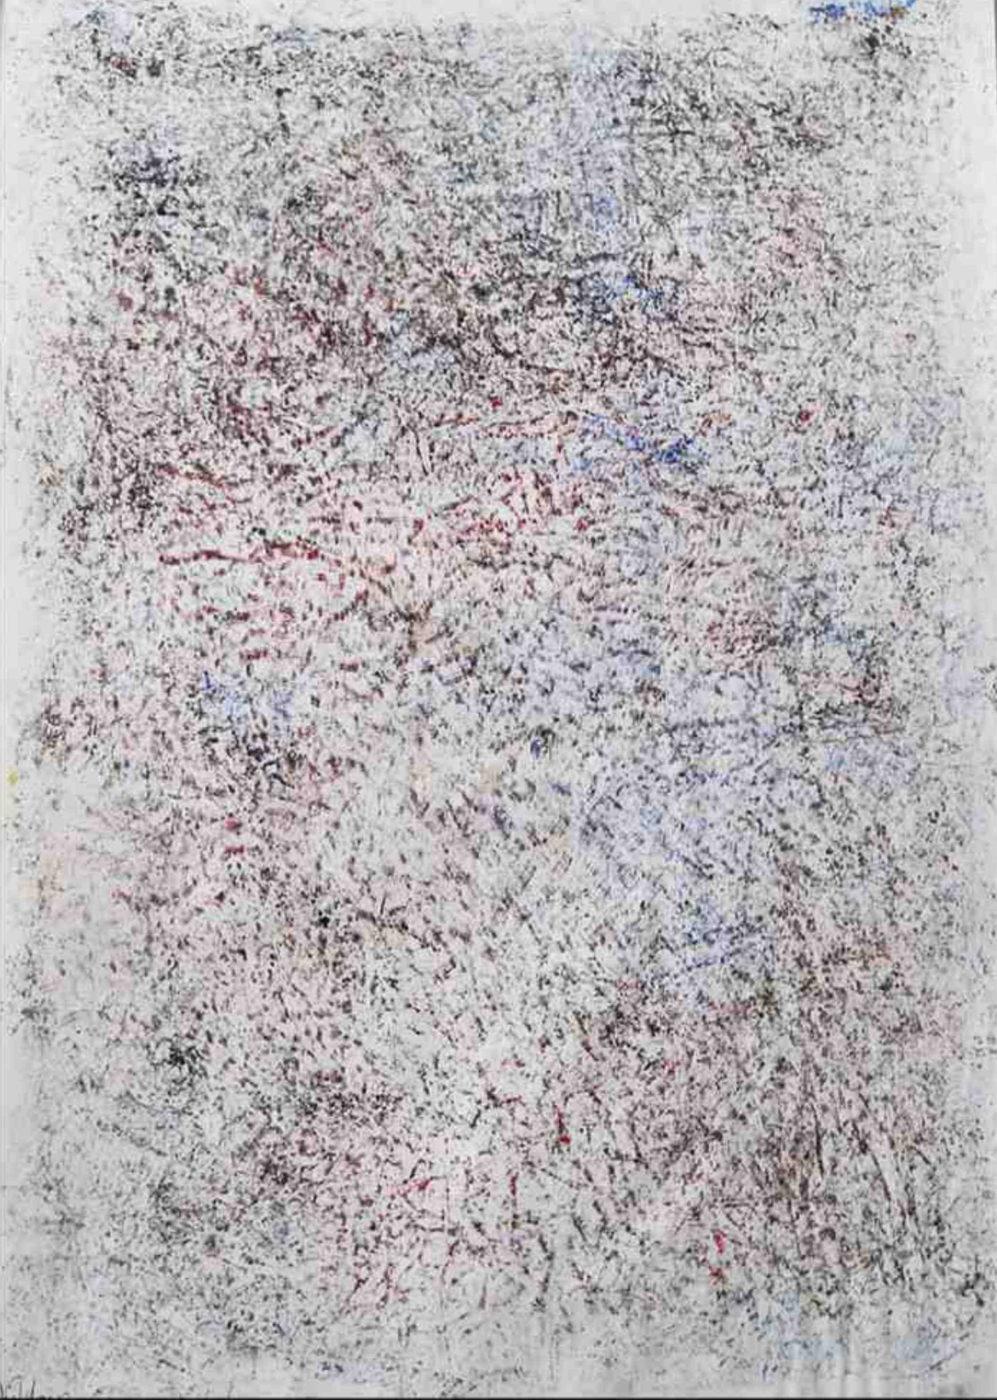 MARC FELD 2010 CARTOMANCIE 3  Huile et pigment sur papier 44 x 63 cm